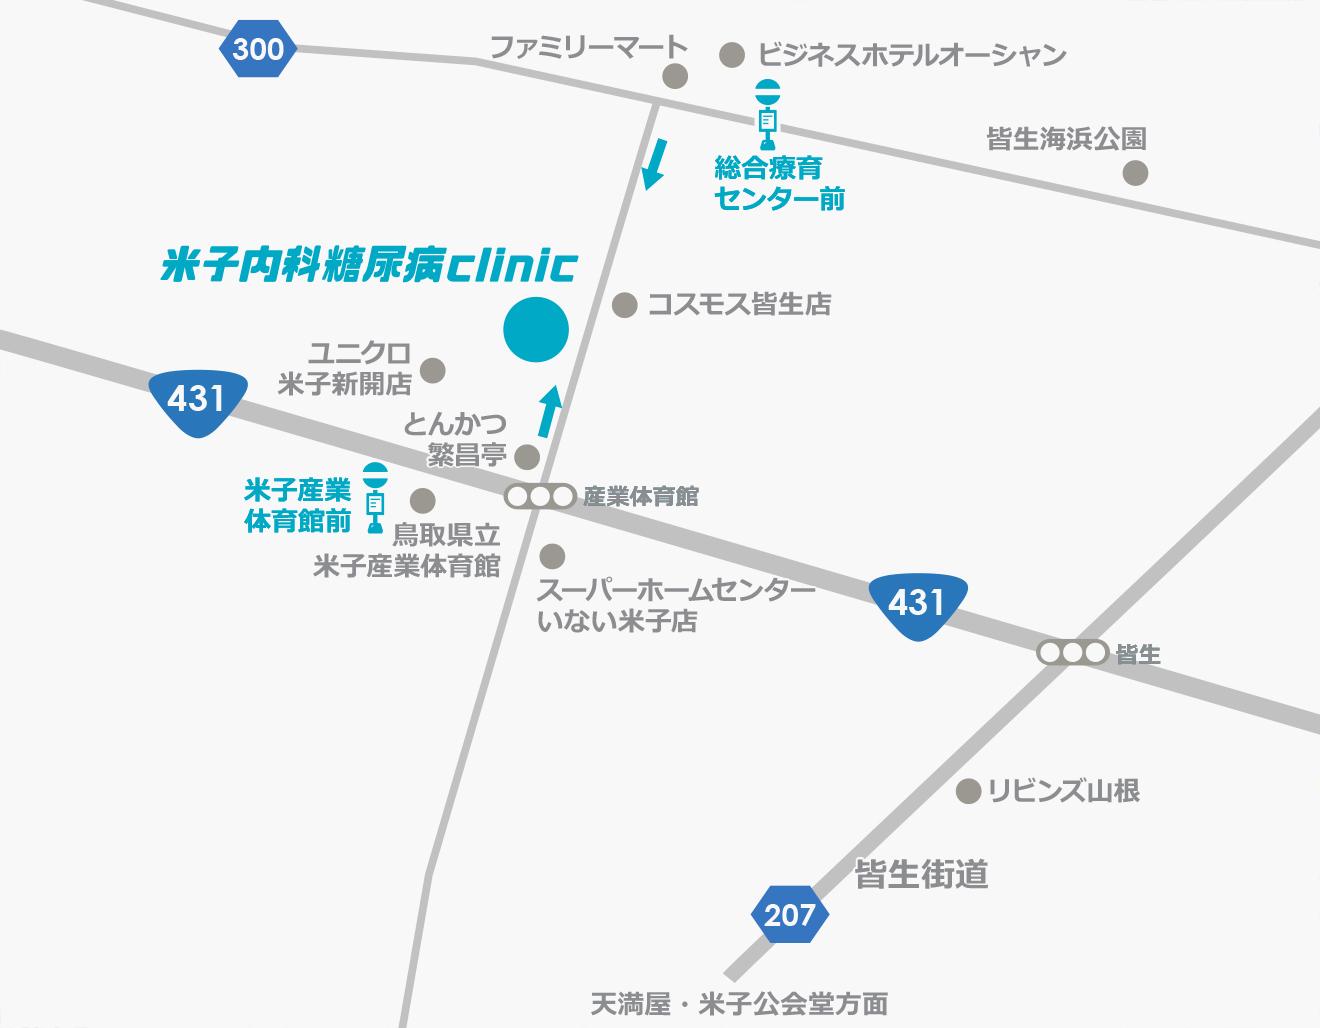 米子内科糖尿病クリニック アクセスマップ